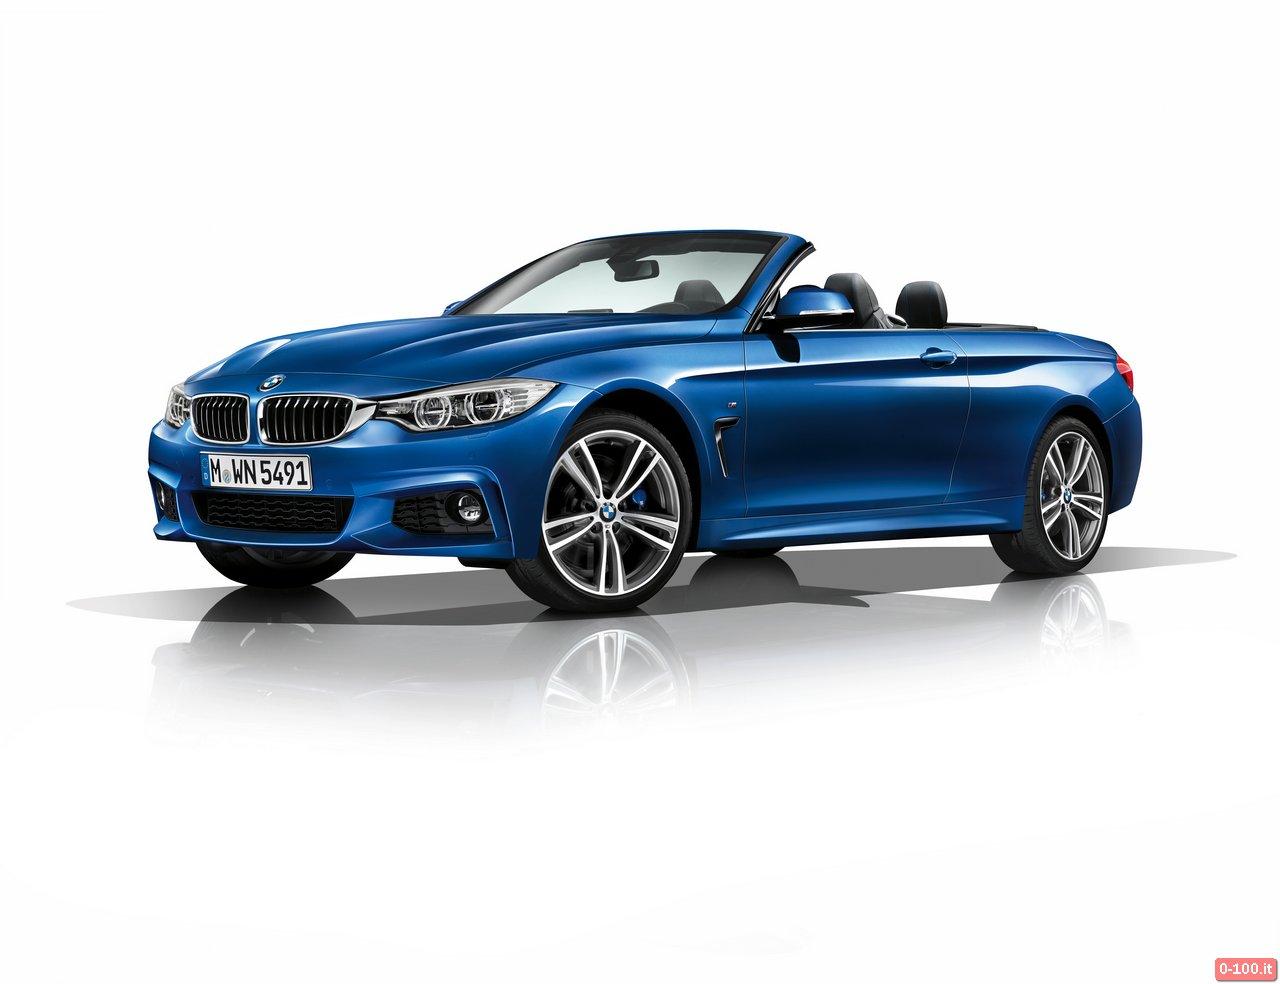 BMW-serie-4-cabrio-420d-428i-435i-cabrio_100